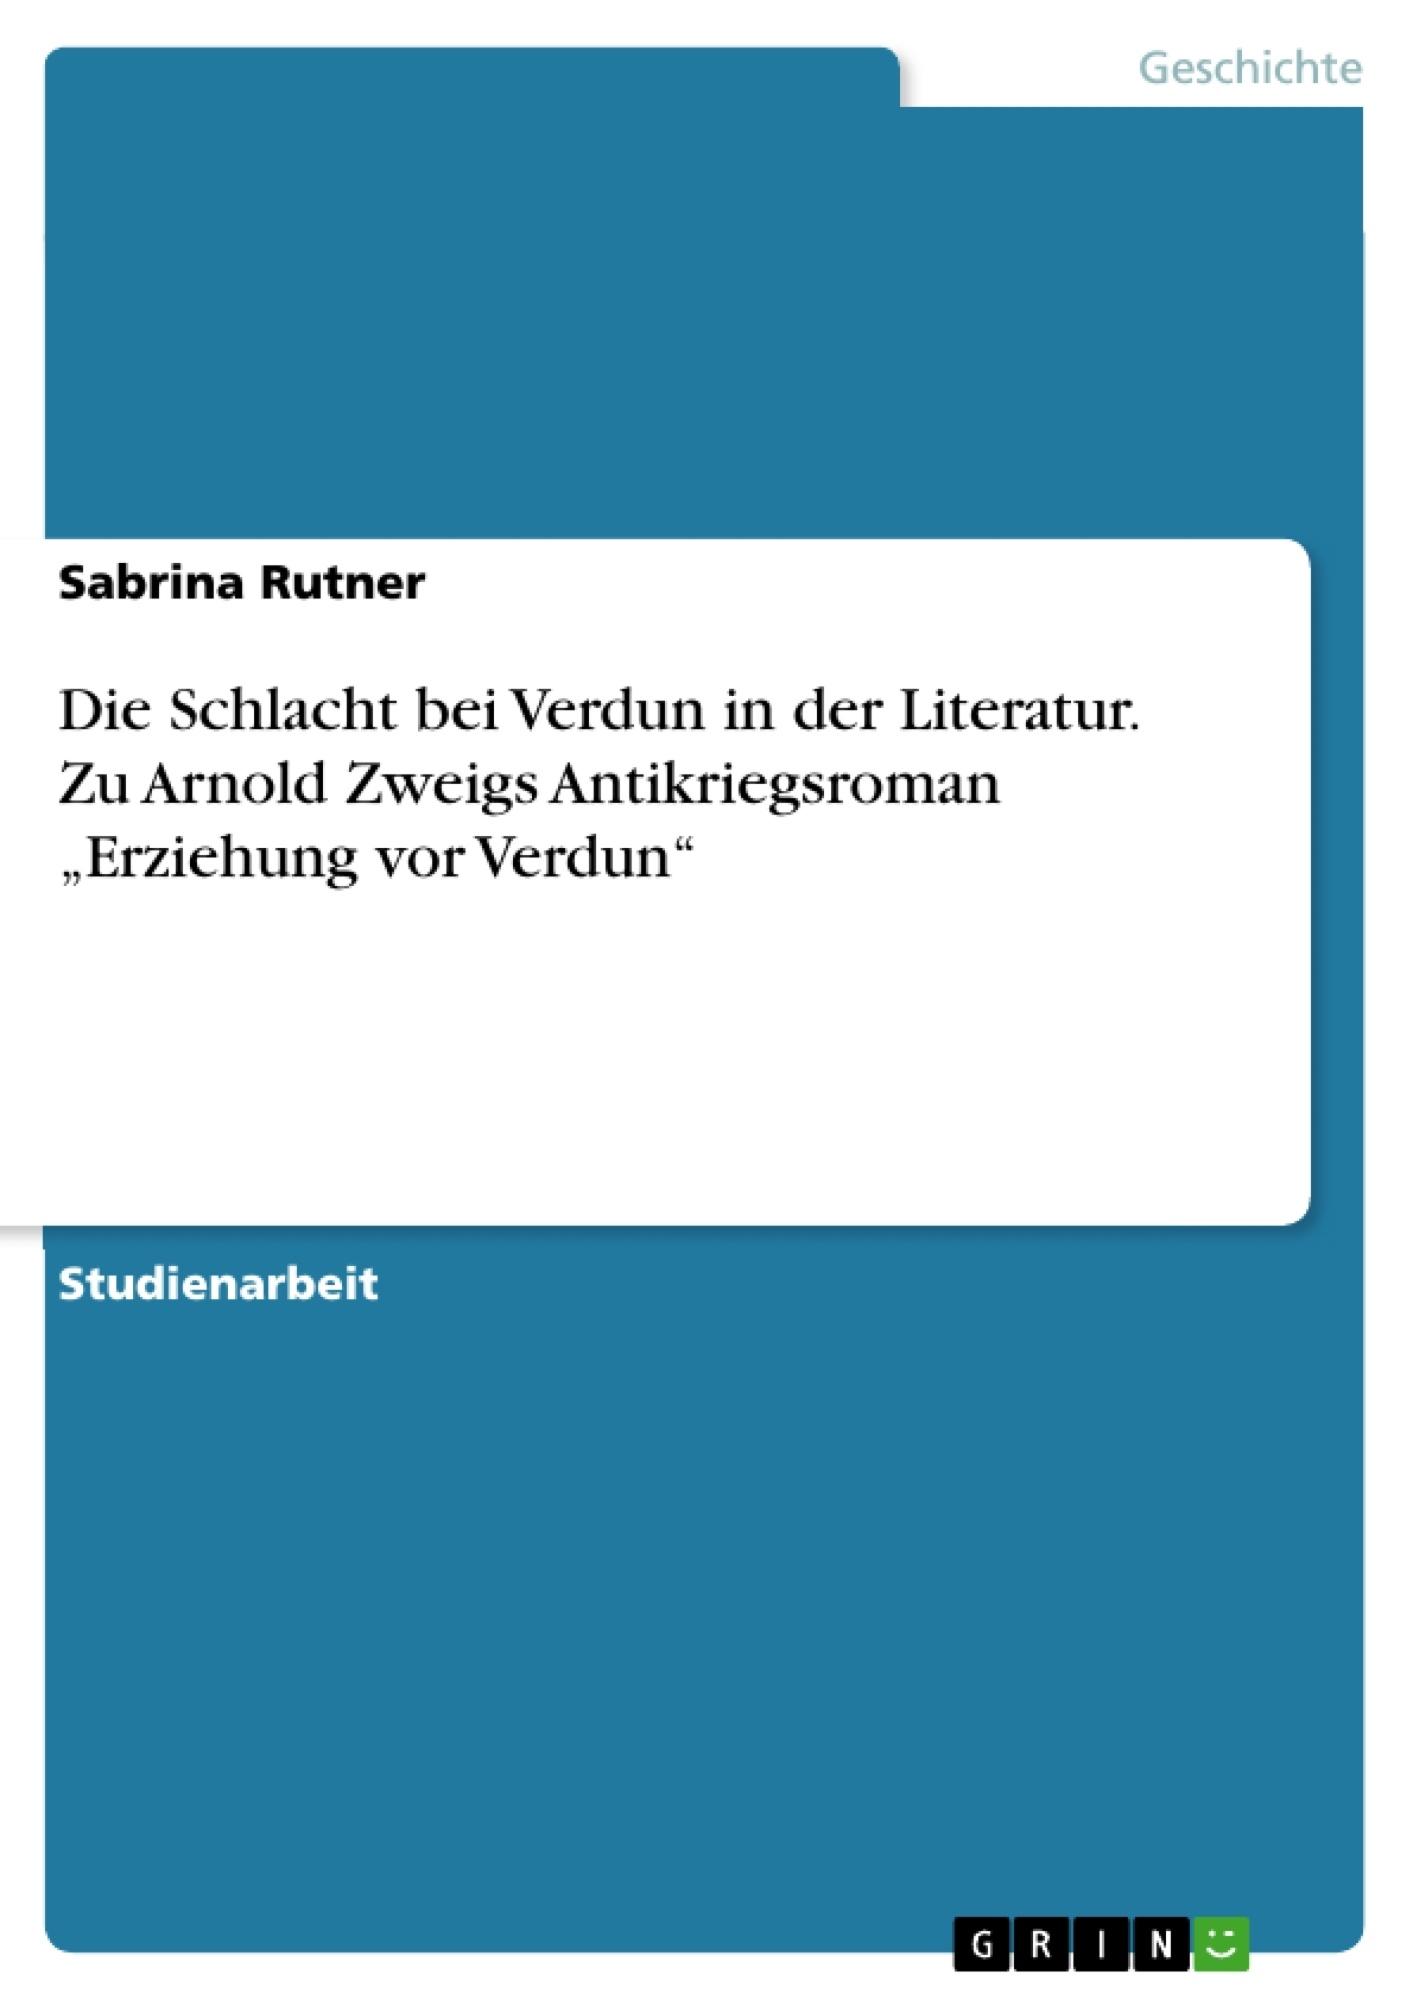 """Titel: Die Schlacht bei Verdun in der Literatur. Zu Arnold Zweigs Antikriegsroman """"Erziehung vor Verdun"""""""